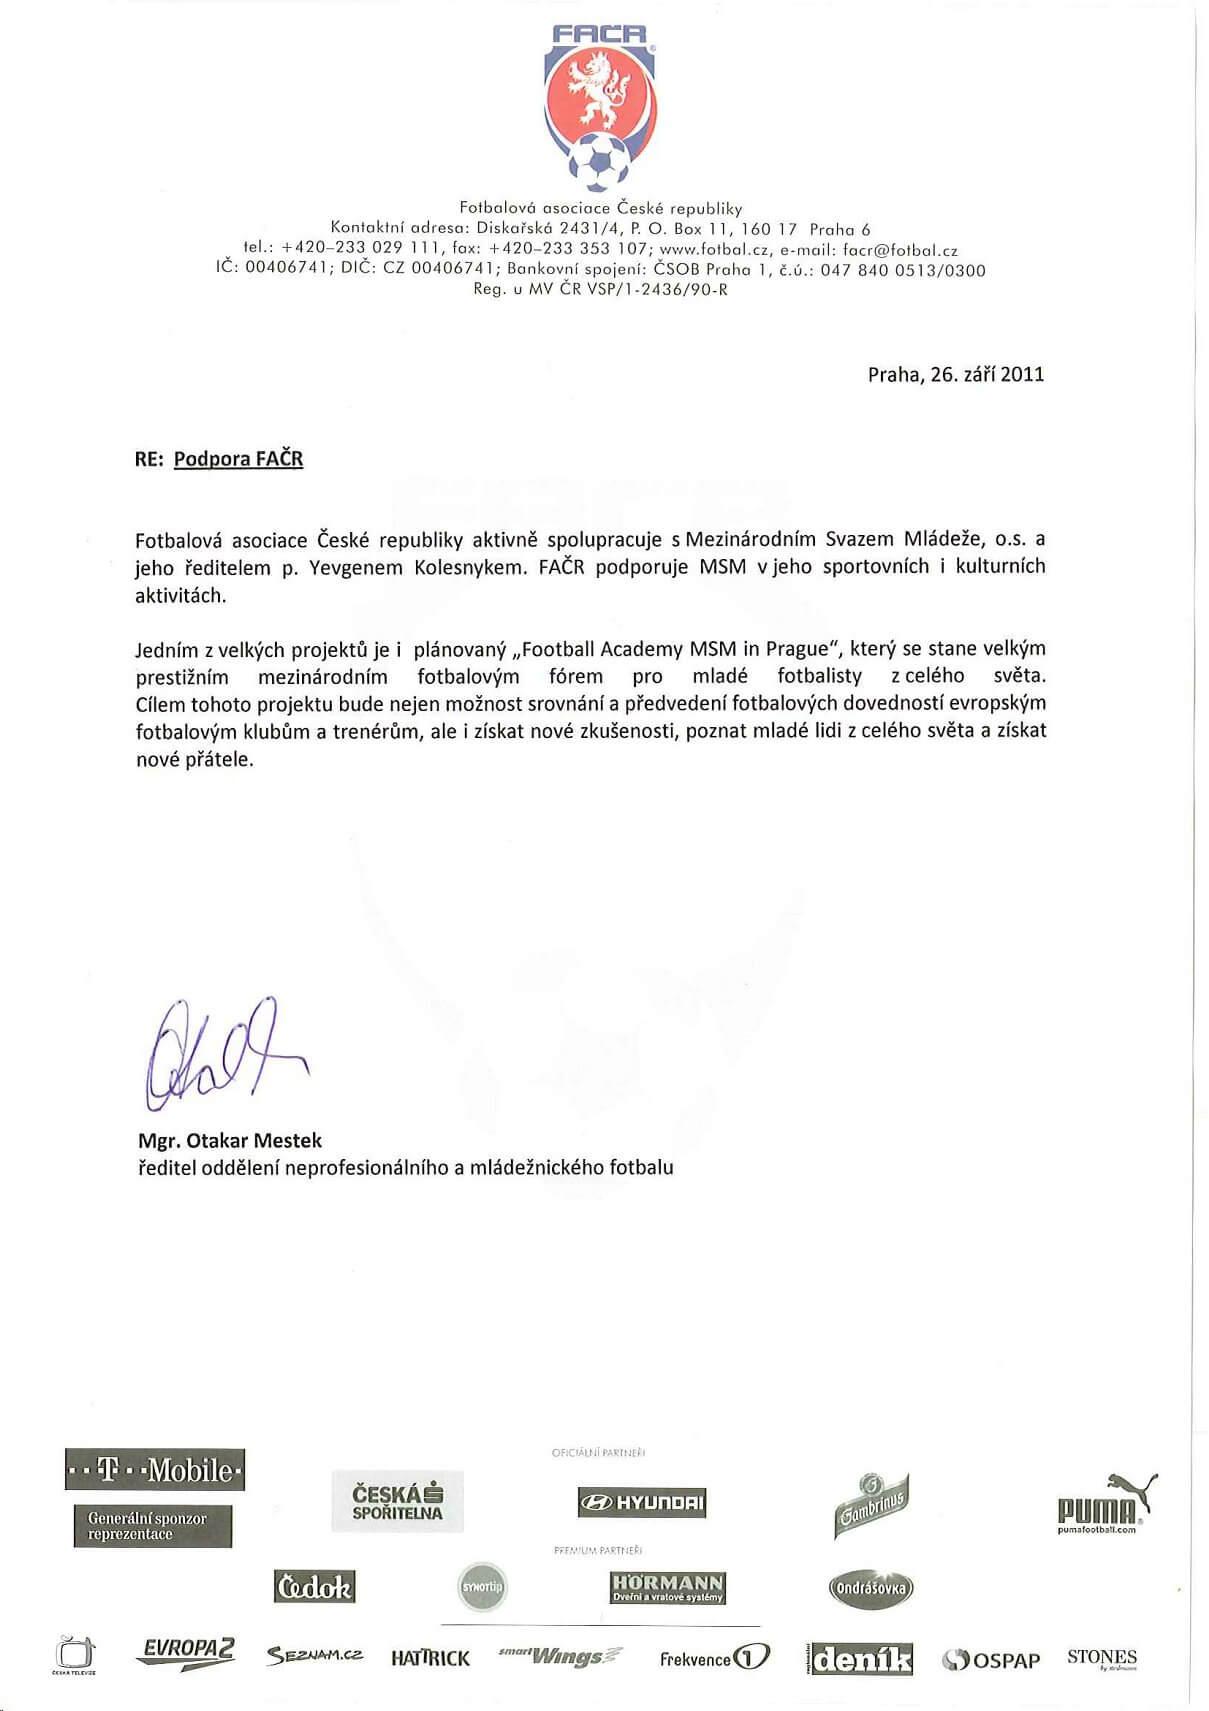 документ от футбольной ассоциаци праги msmstudy